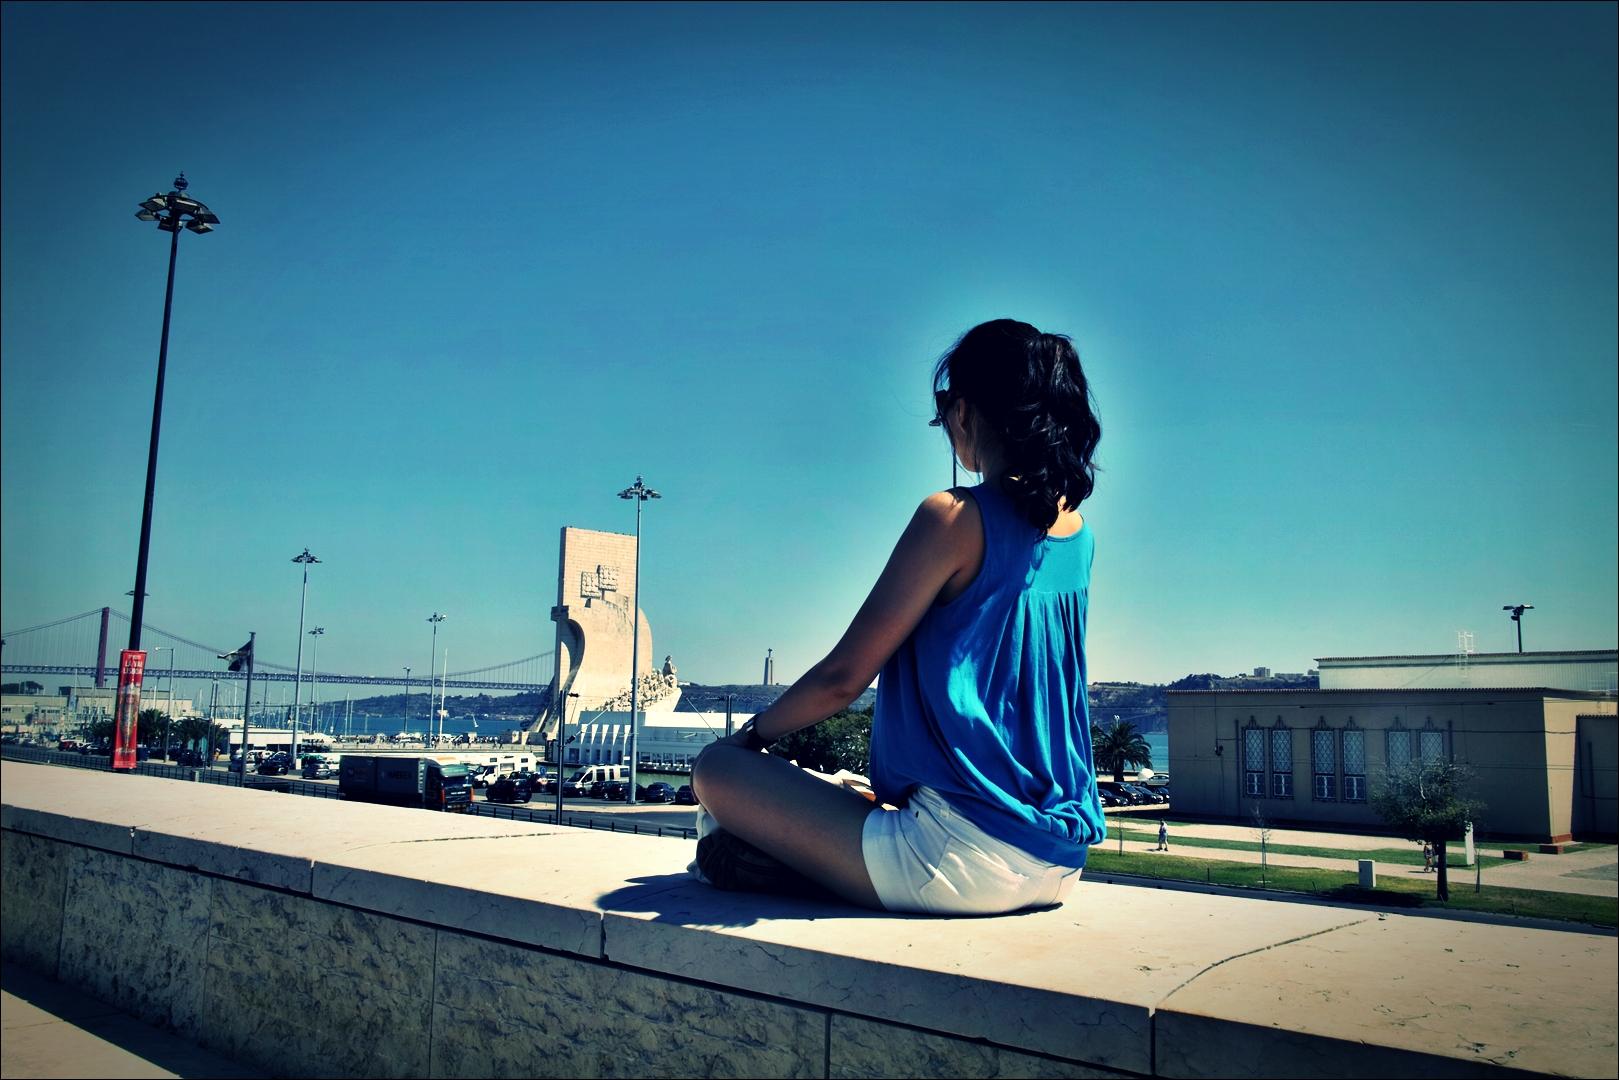 파란 하늘. 파란 옷. 그리고 발견기념탑-'베라르도 현대미술관 Berardo Museum of Modern and Contemporary Art'